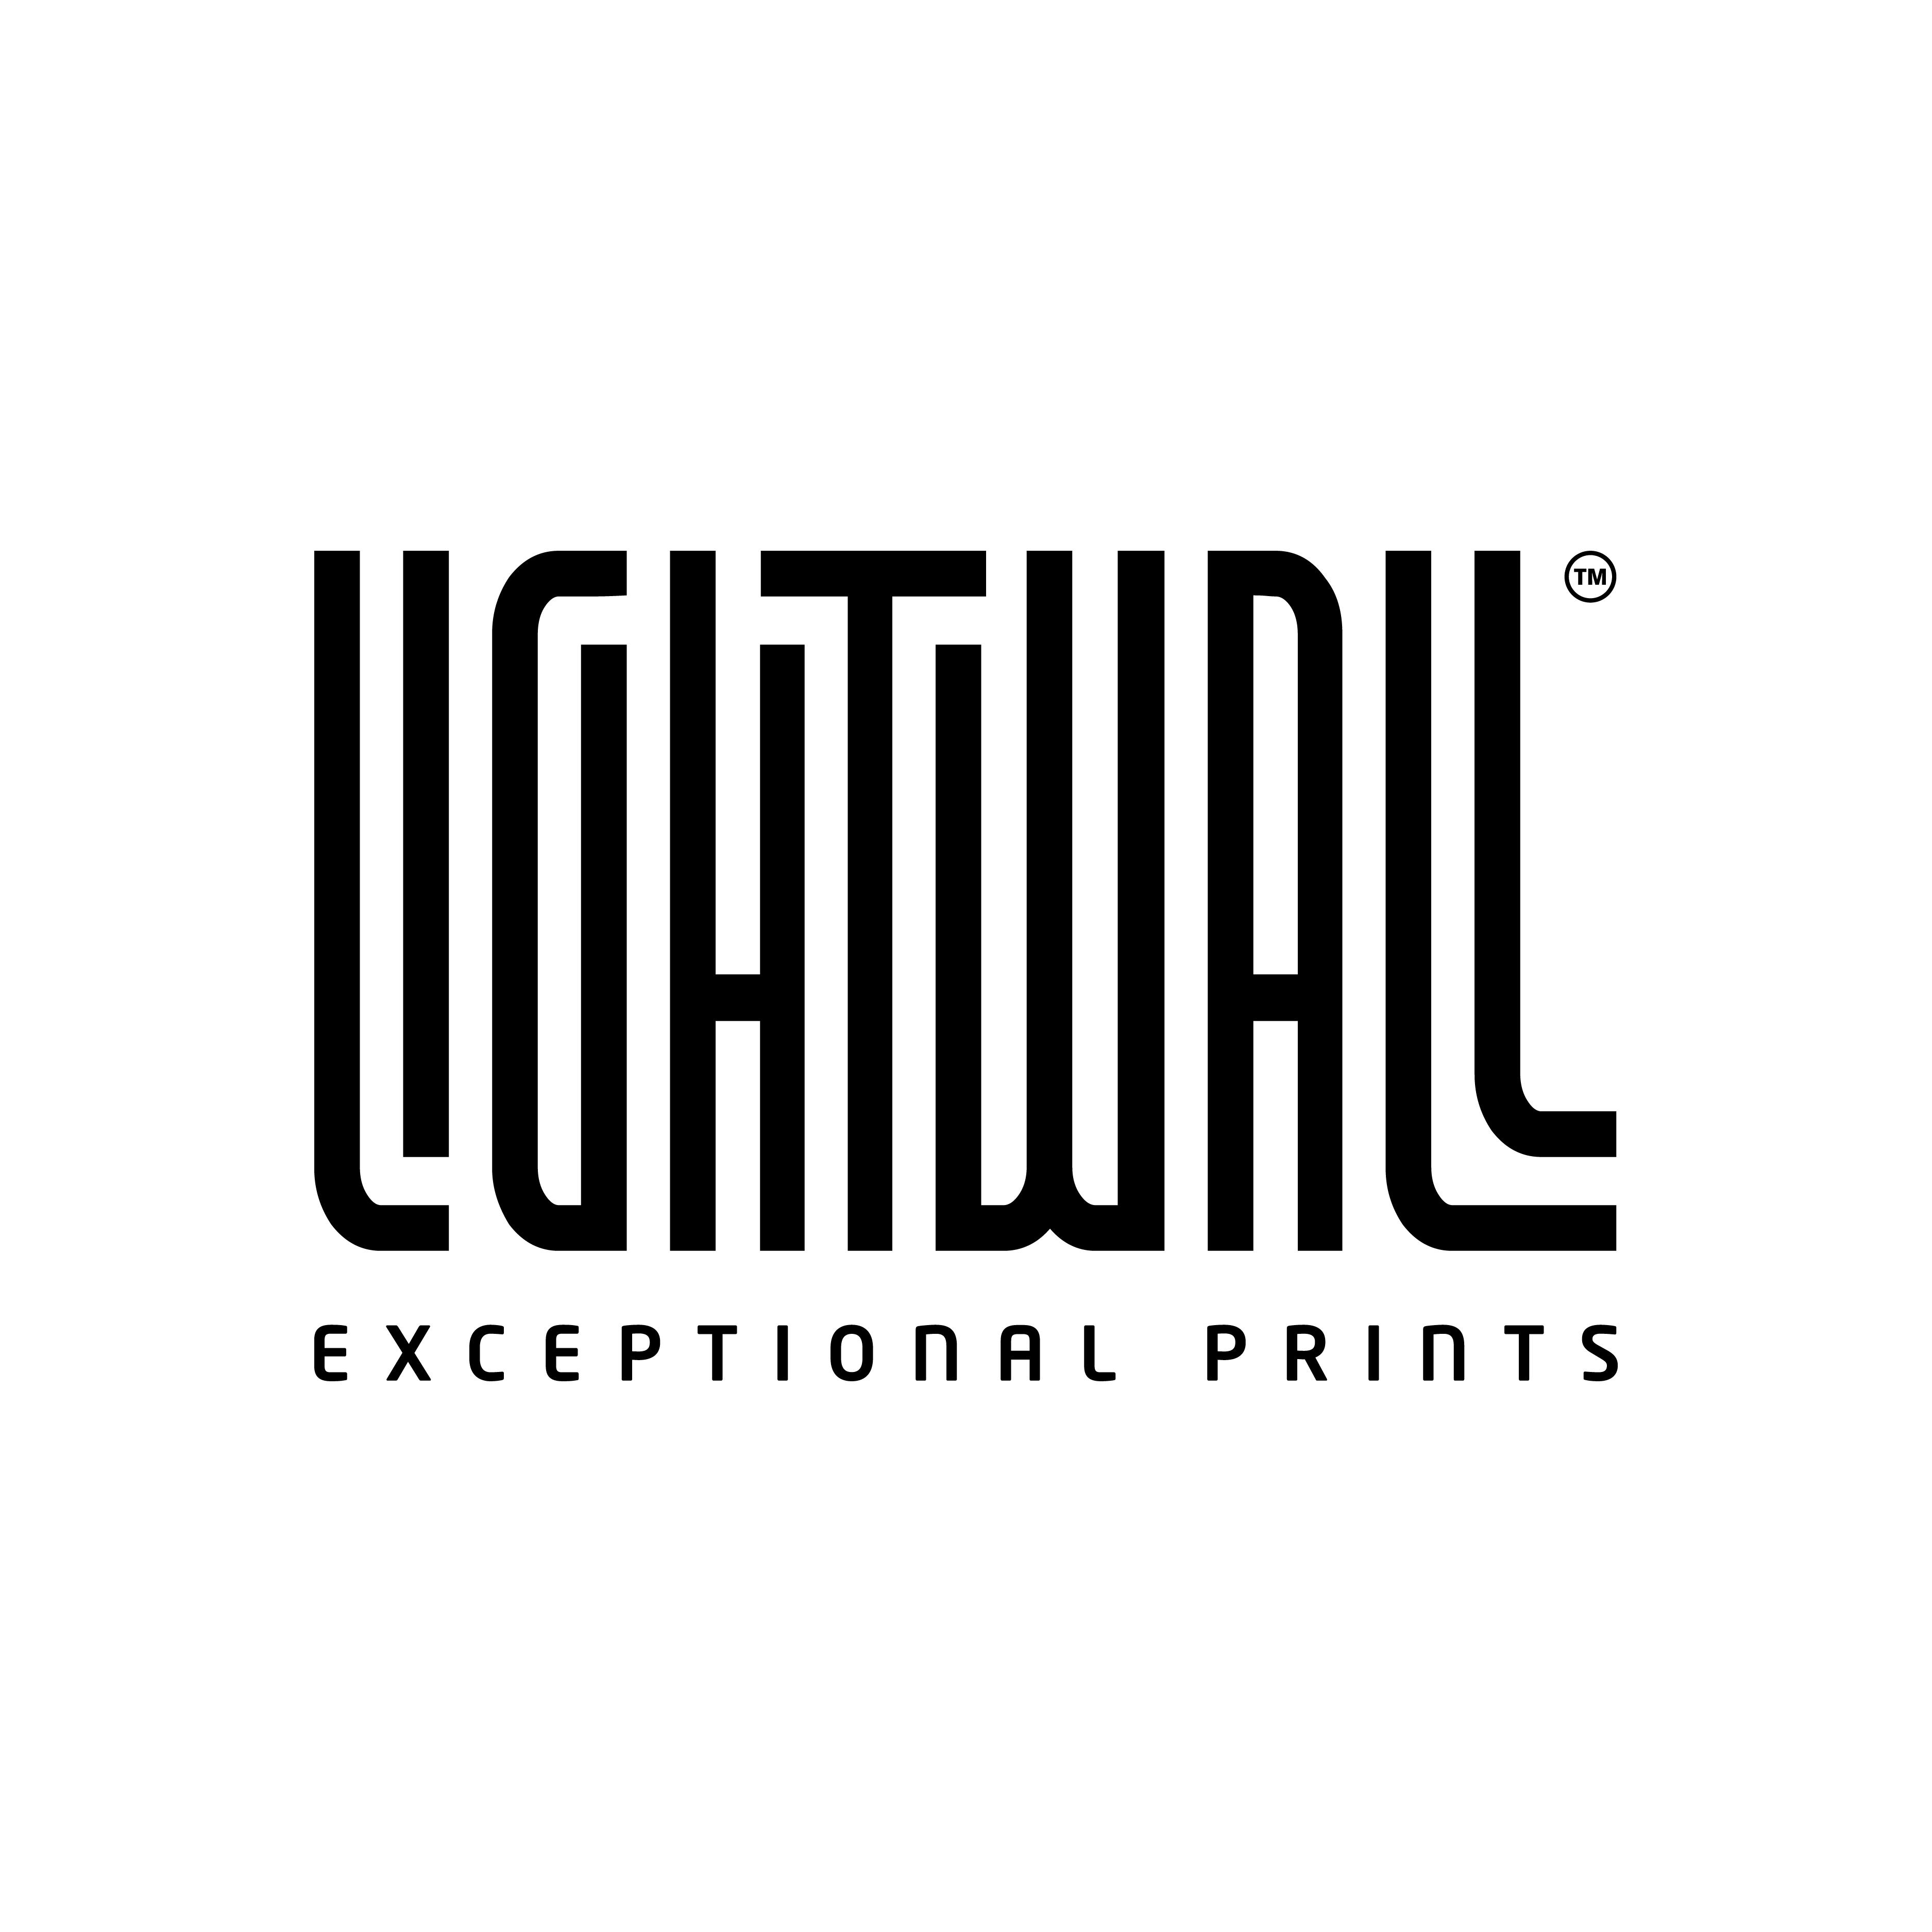 LIGHTWALL logo design by logo designer Radu Moraru